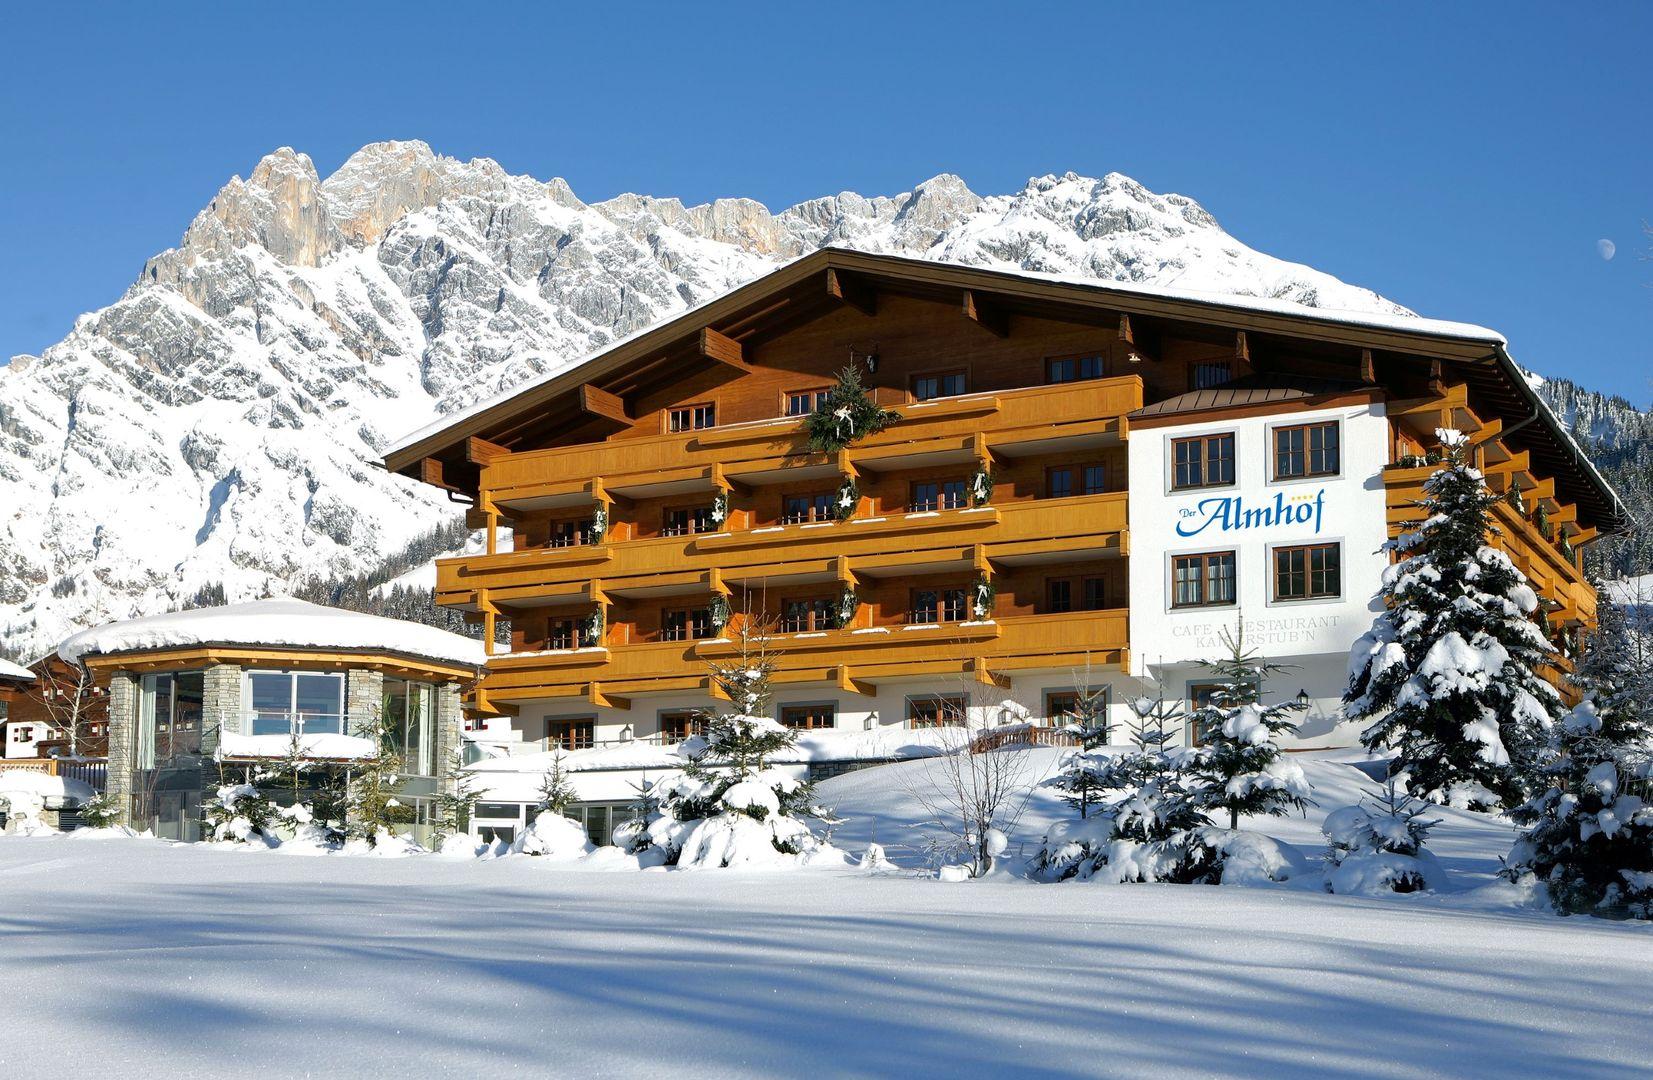 Hotel Der Almhof - Slide 1